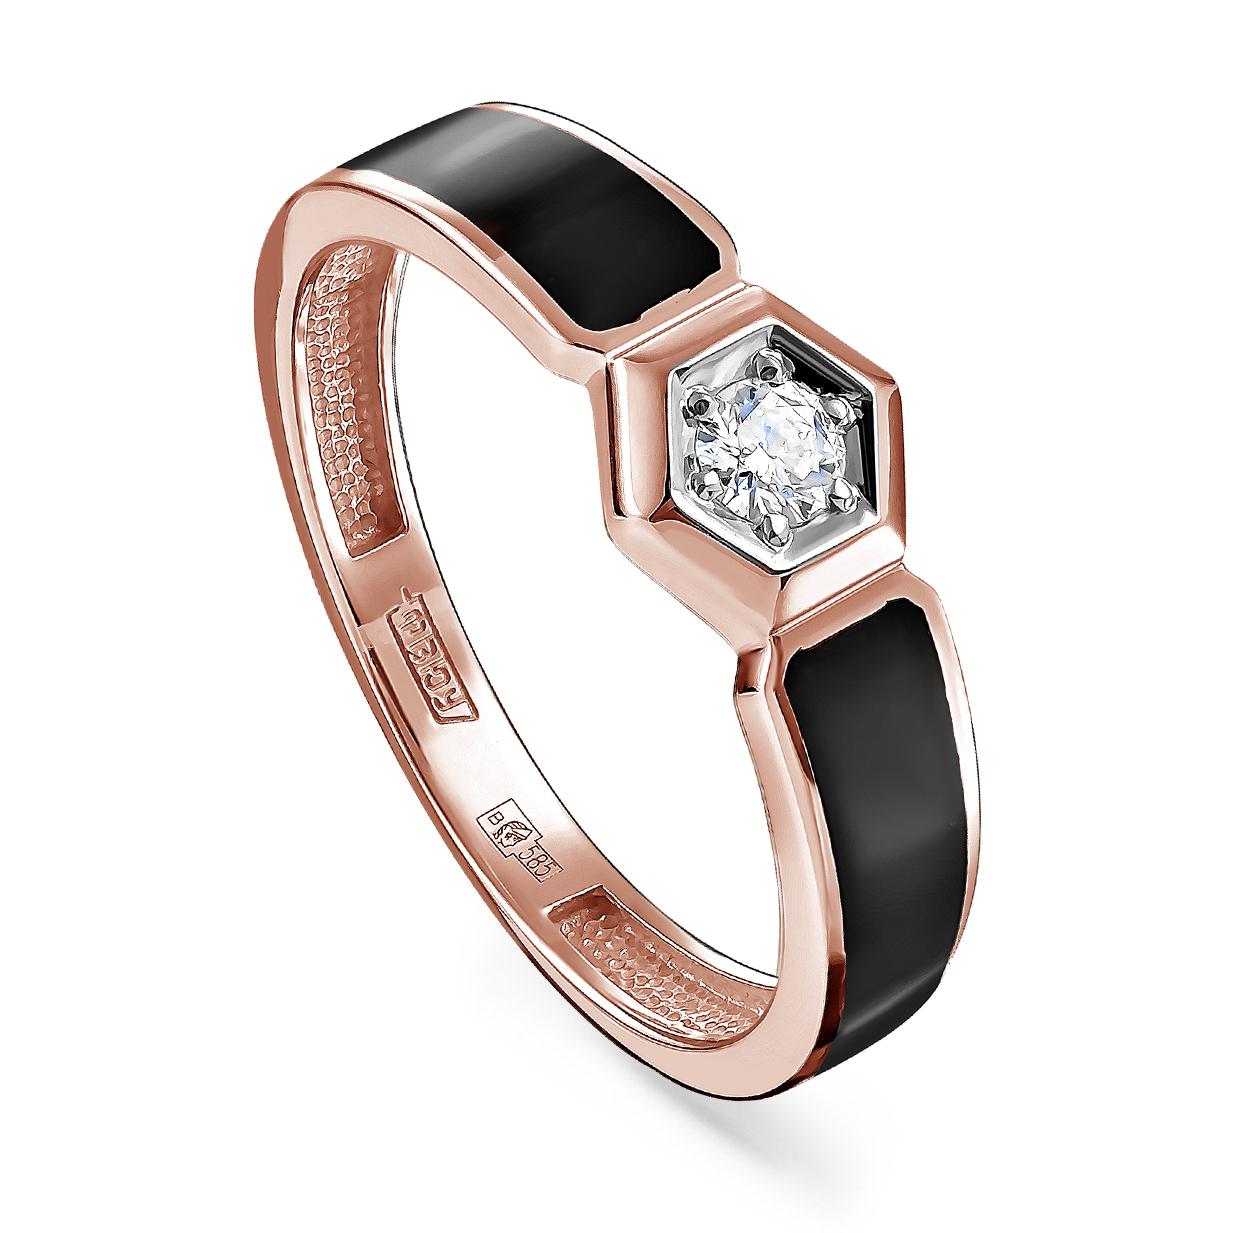 Золотое кольцо Бриллиант и Эмаль арт. 11-01243-1002 11-01243-1002